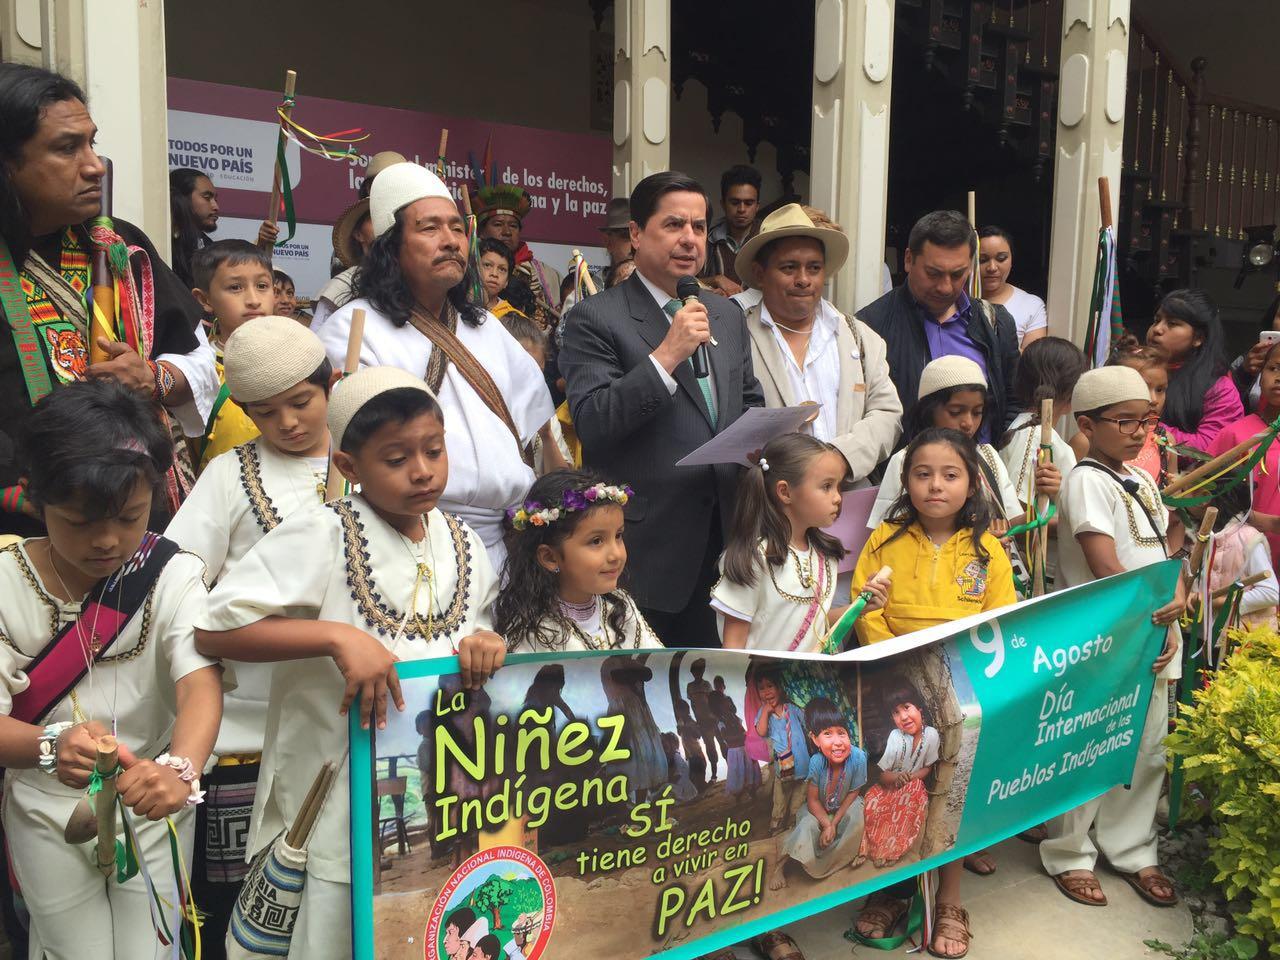 Un arhuaco y un kankuamo estuvieron el martes pasado en Bogotá, en el marco de la conmemoración del Día Internacional de los Pueblos Indígenas. Suministrada/EL PILÓN